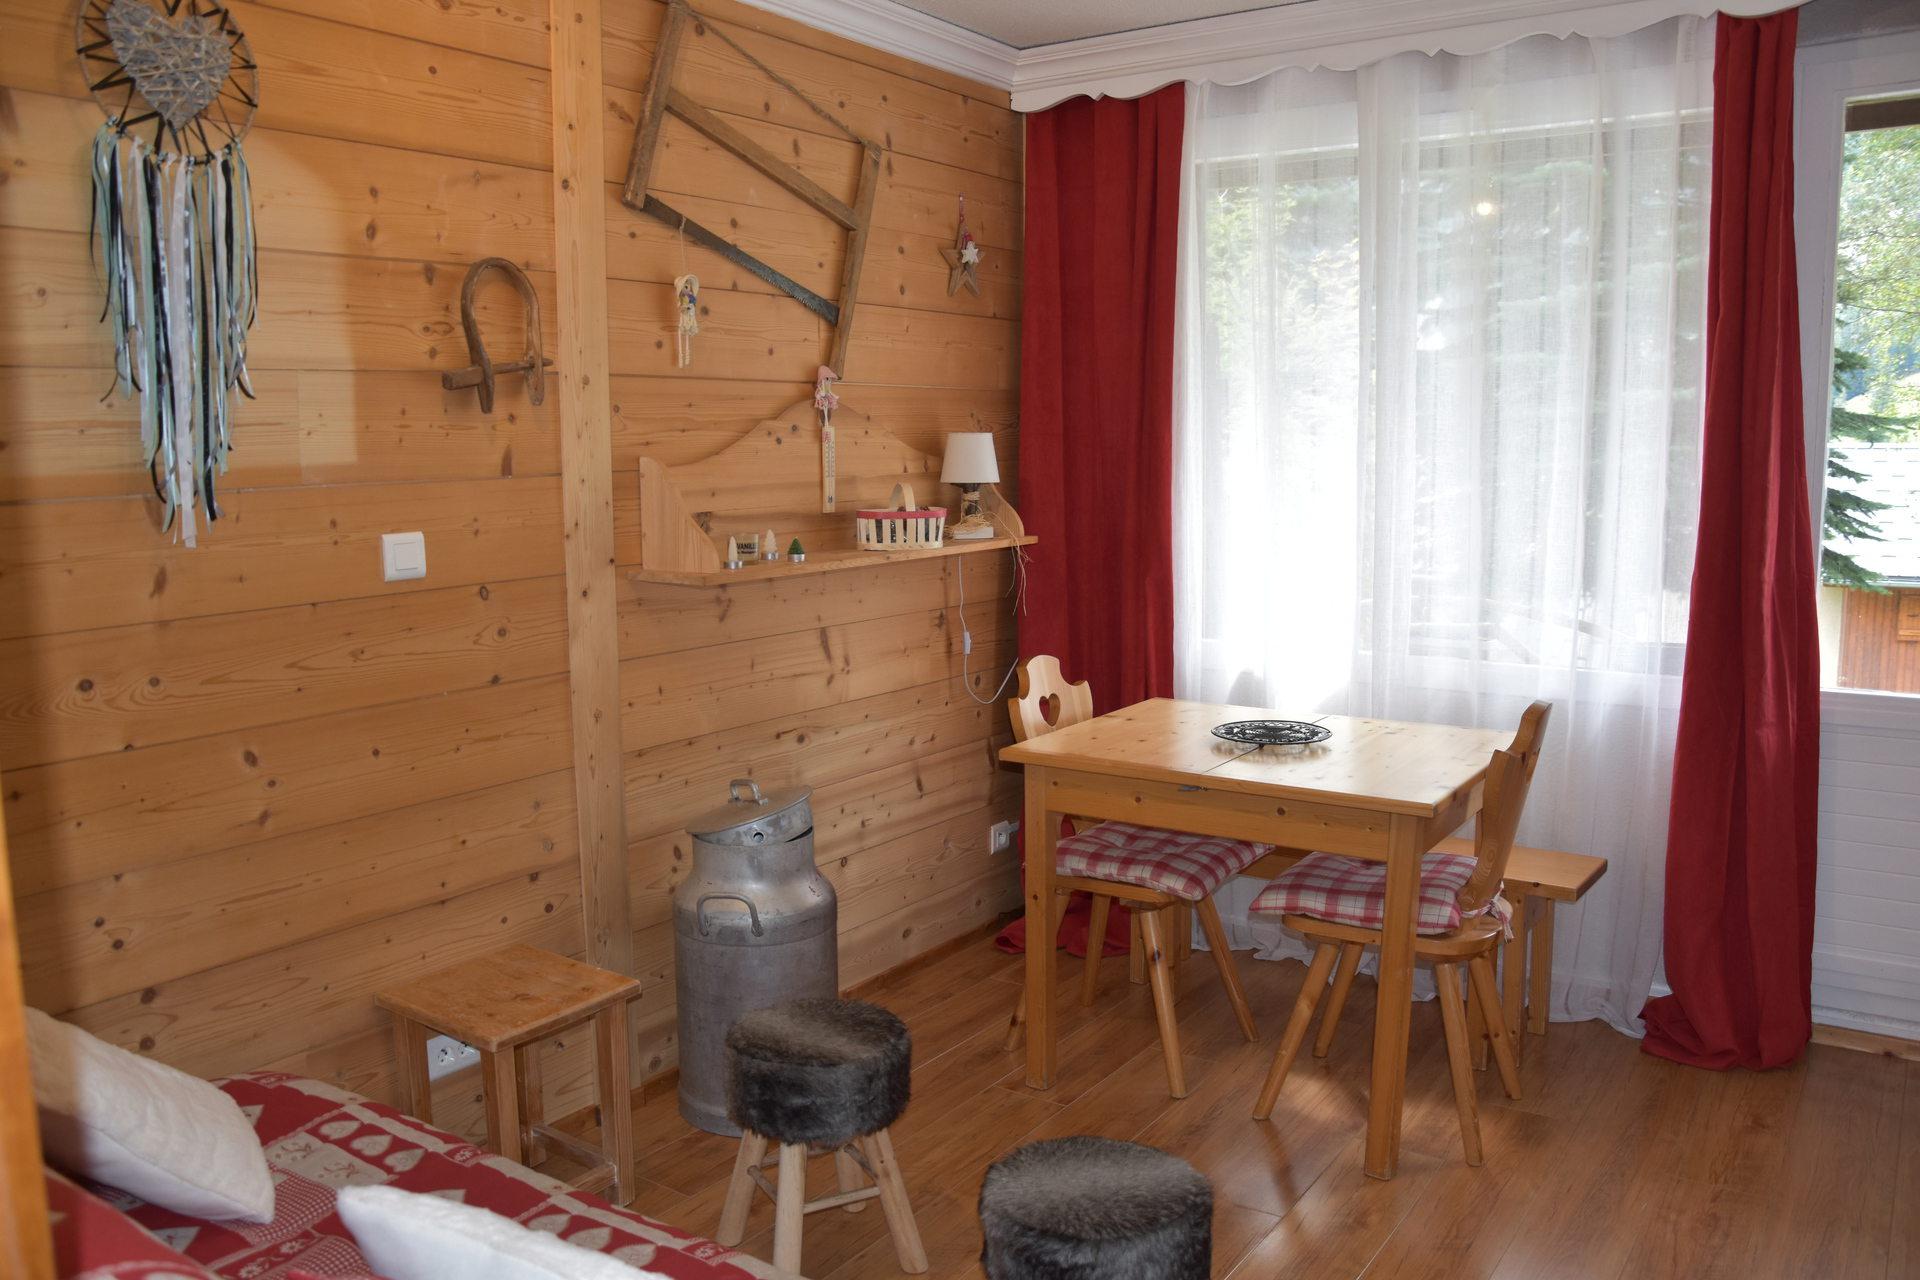 Location référence : PARIECA5 à Pralognan la Vanoise